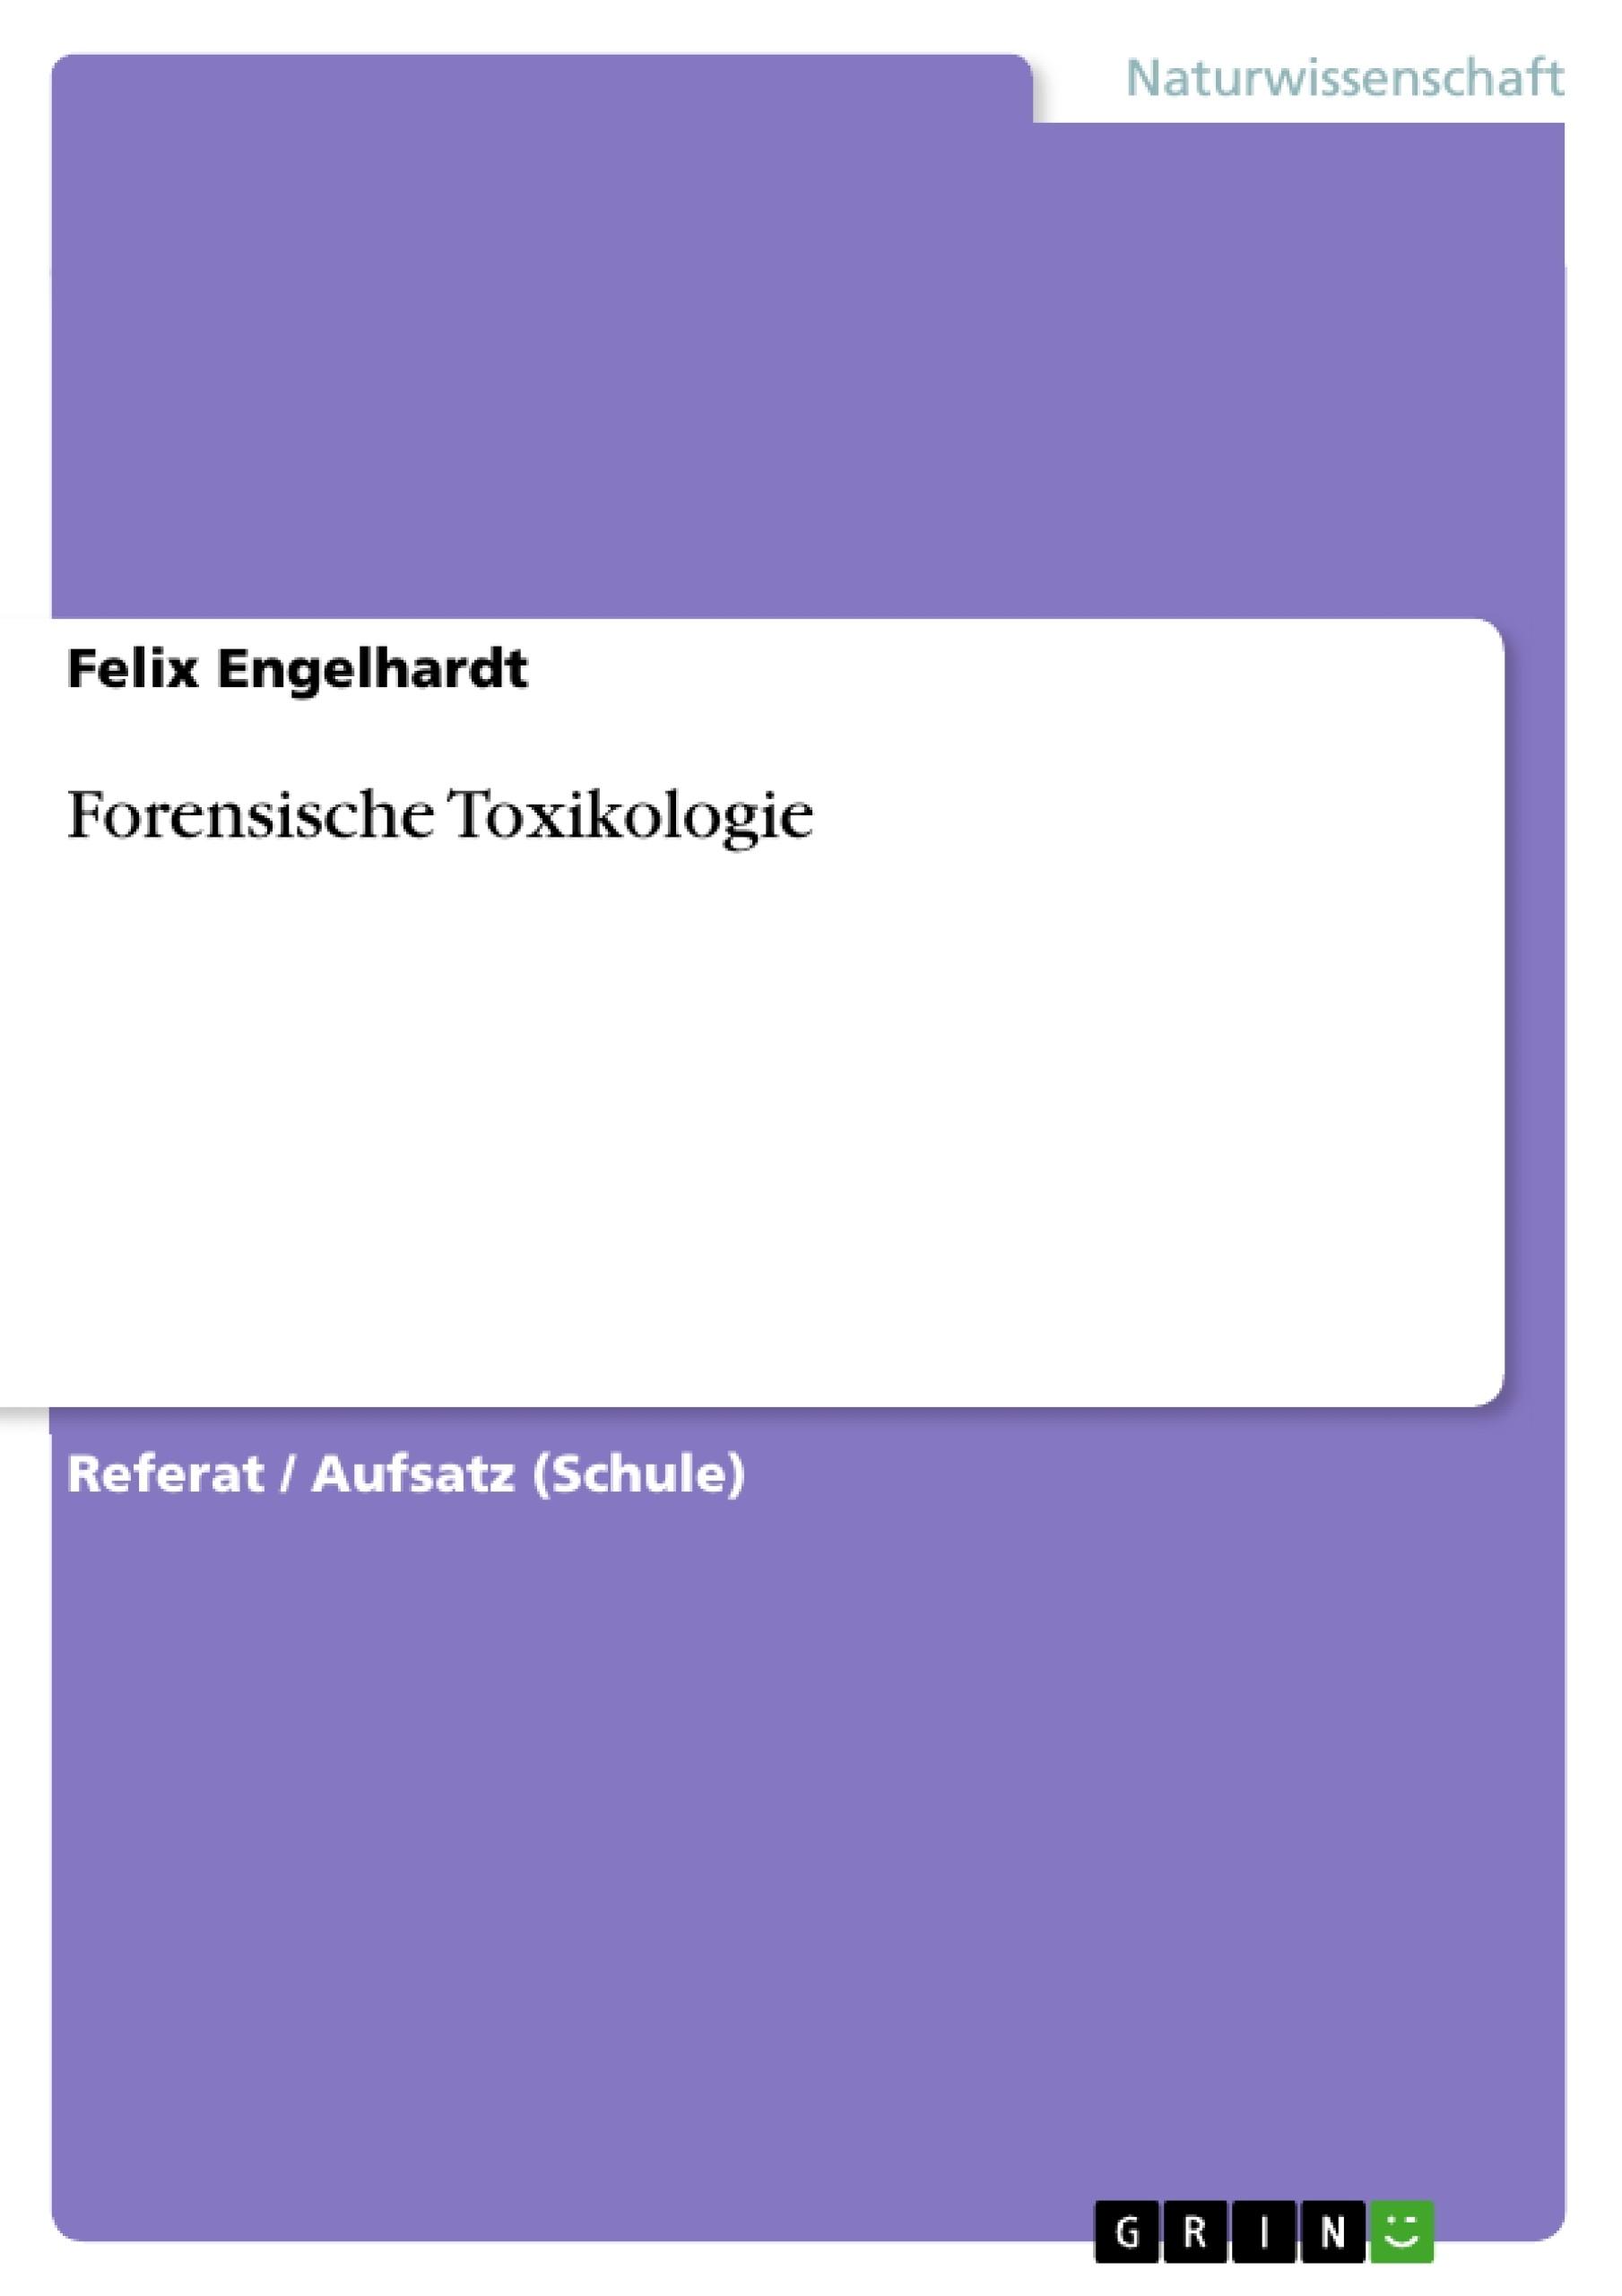 Titel: Forensische Toxikologie